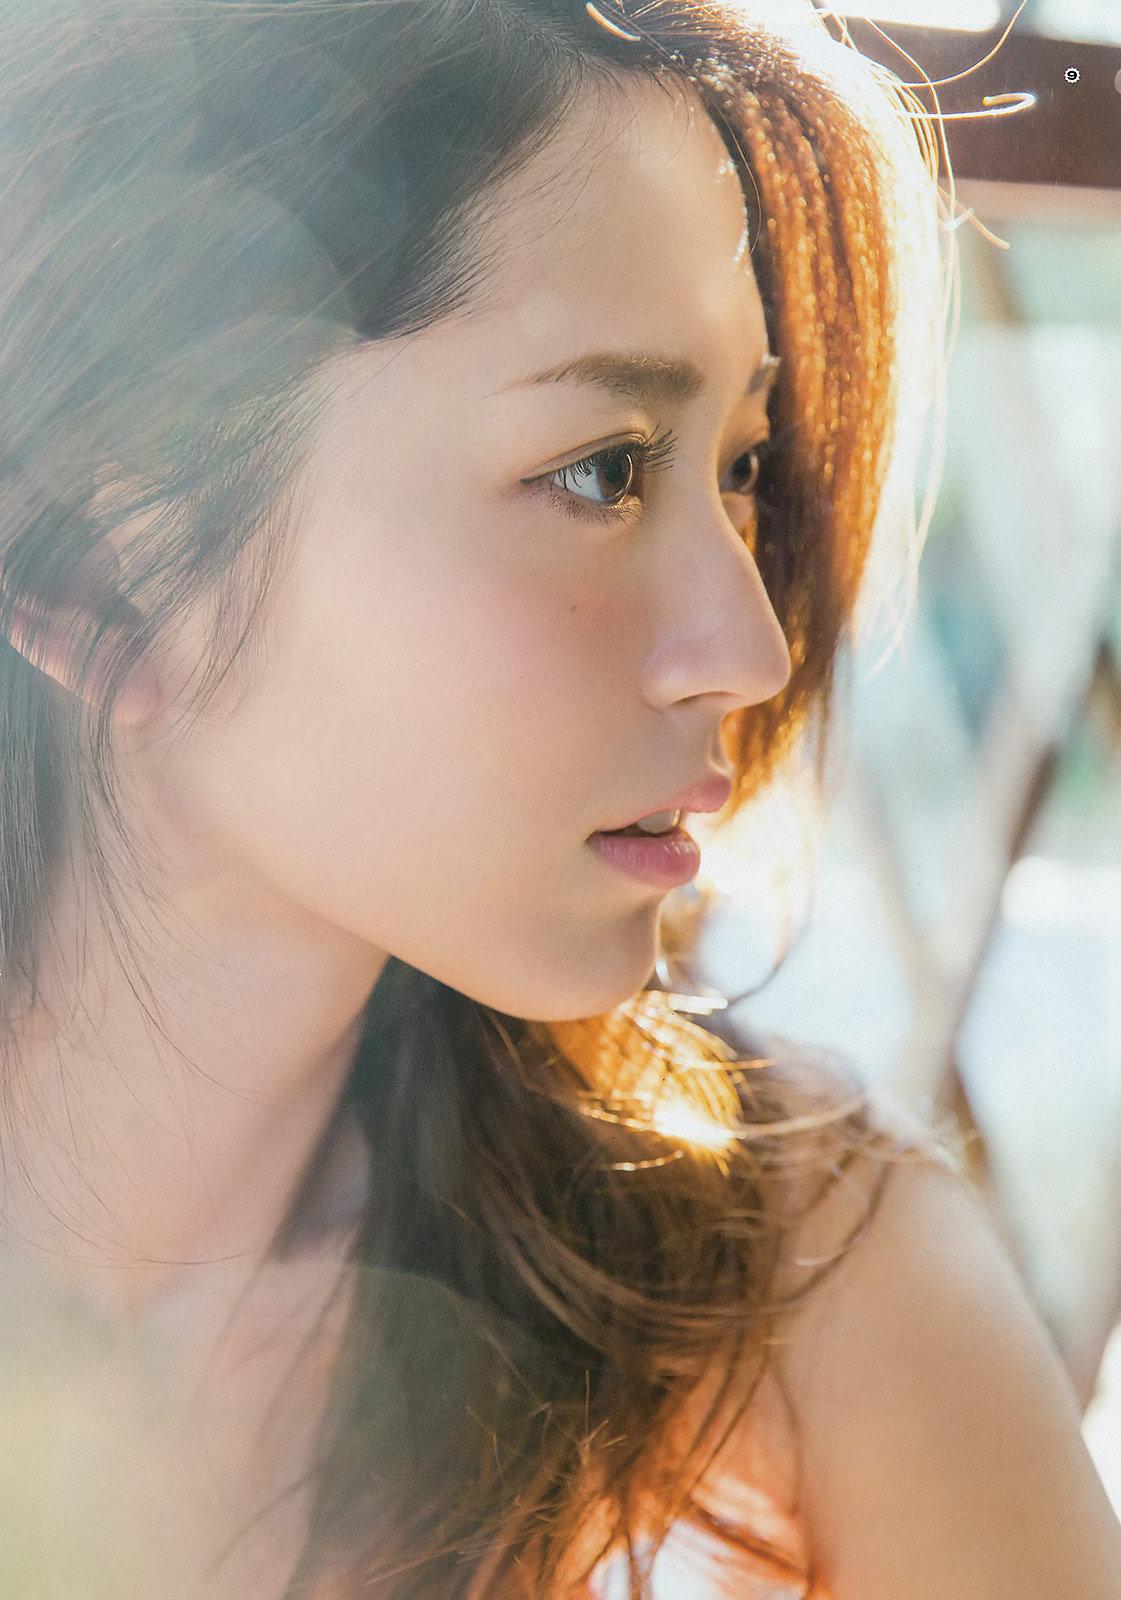 ℃-ute/鈴木愛理の色気からのえろ気が・・・目覚ましくUPしていると思うのだが。(写真21枚)